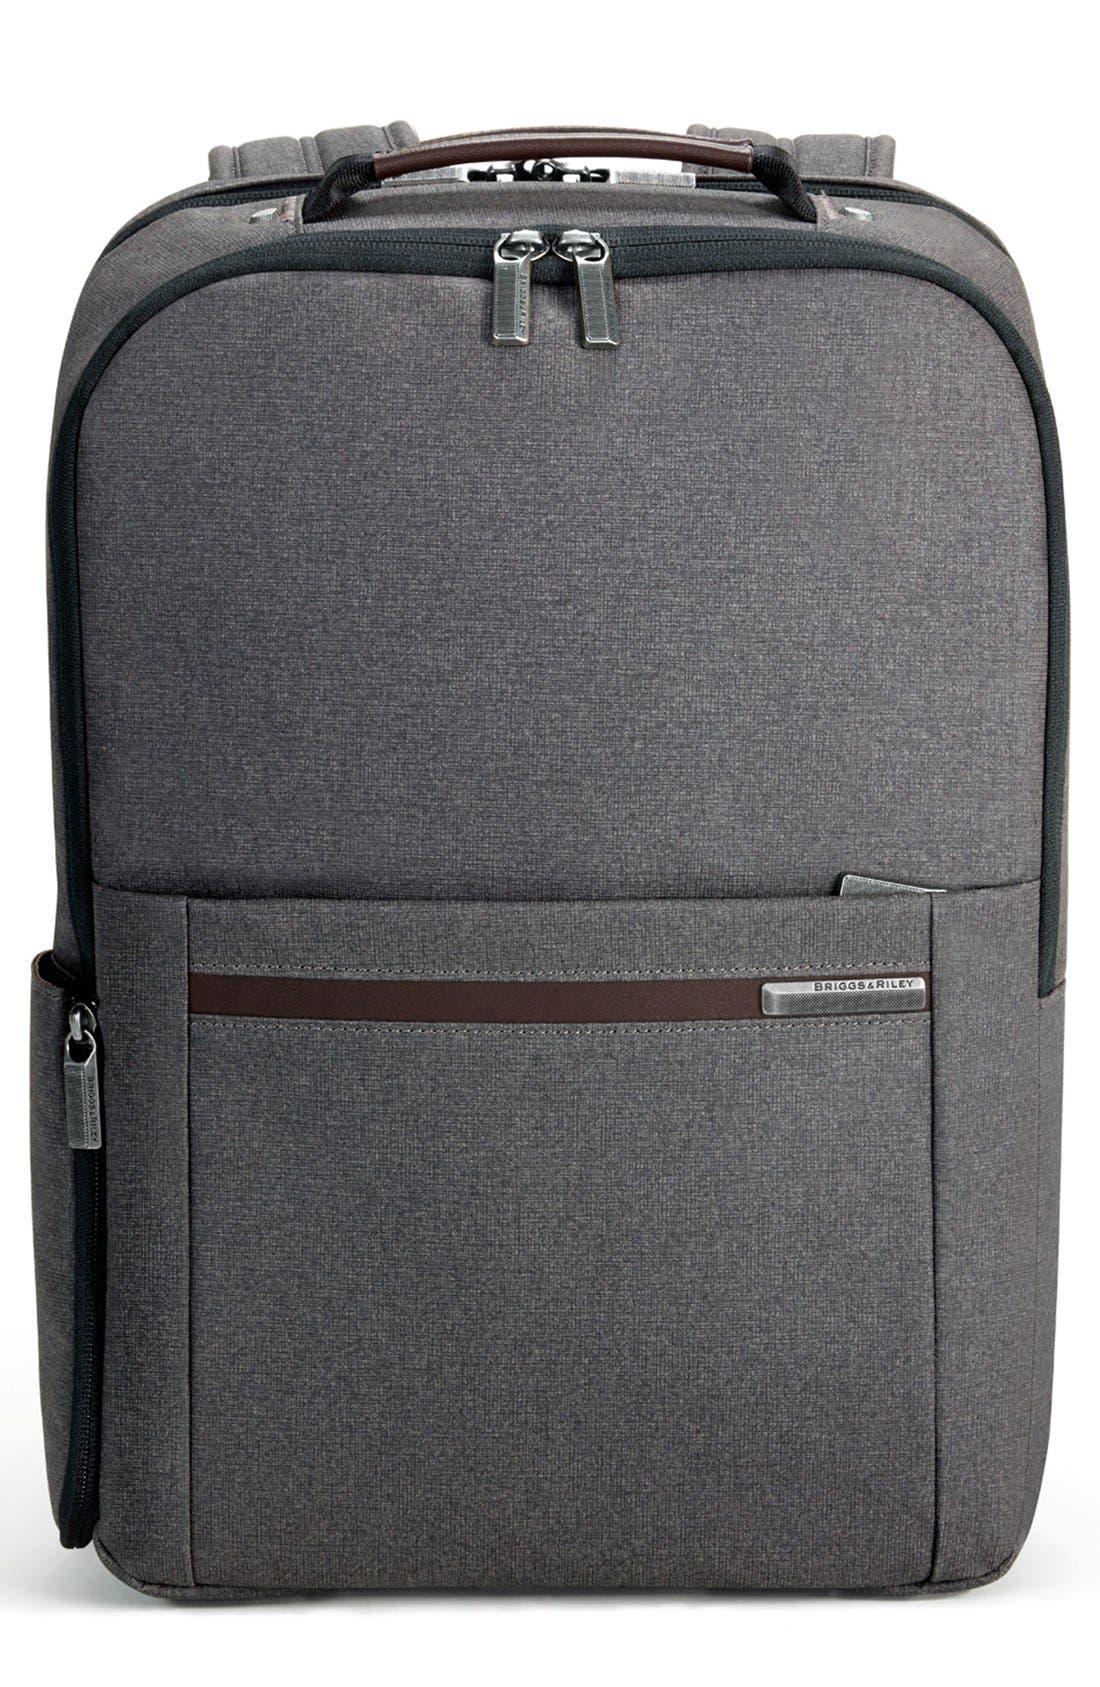 Alternate Image 1 Selected - Briggs & Riley Kinzie Street Medium Backpack